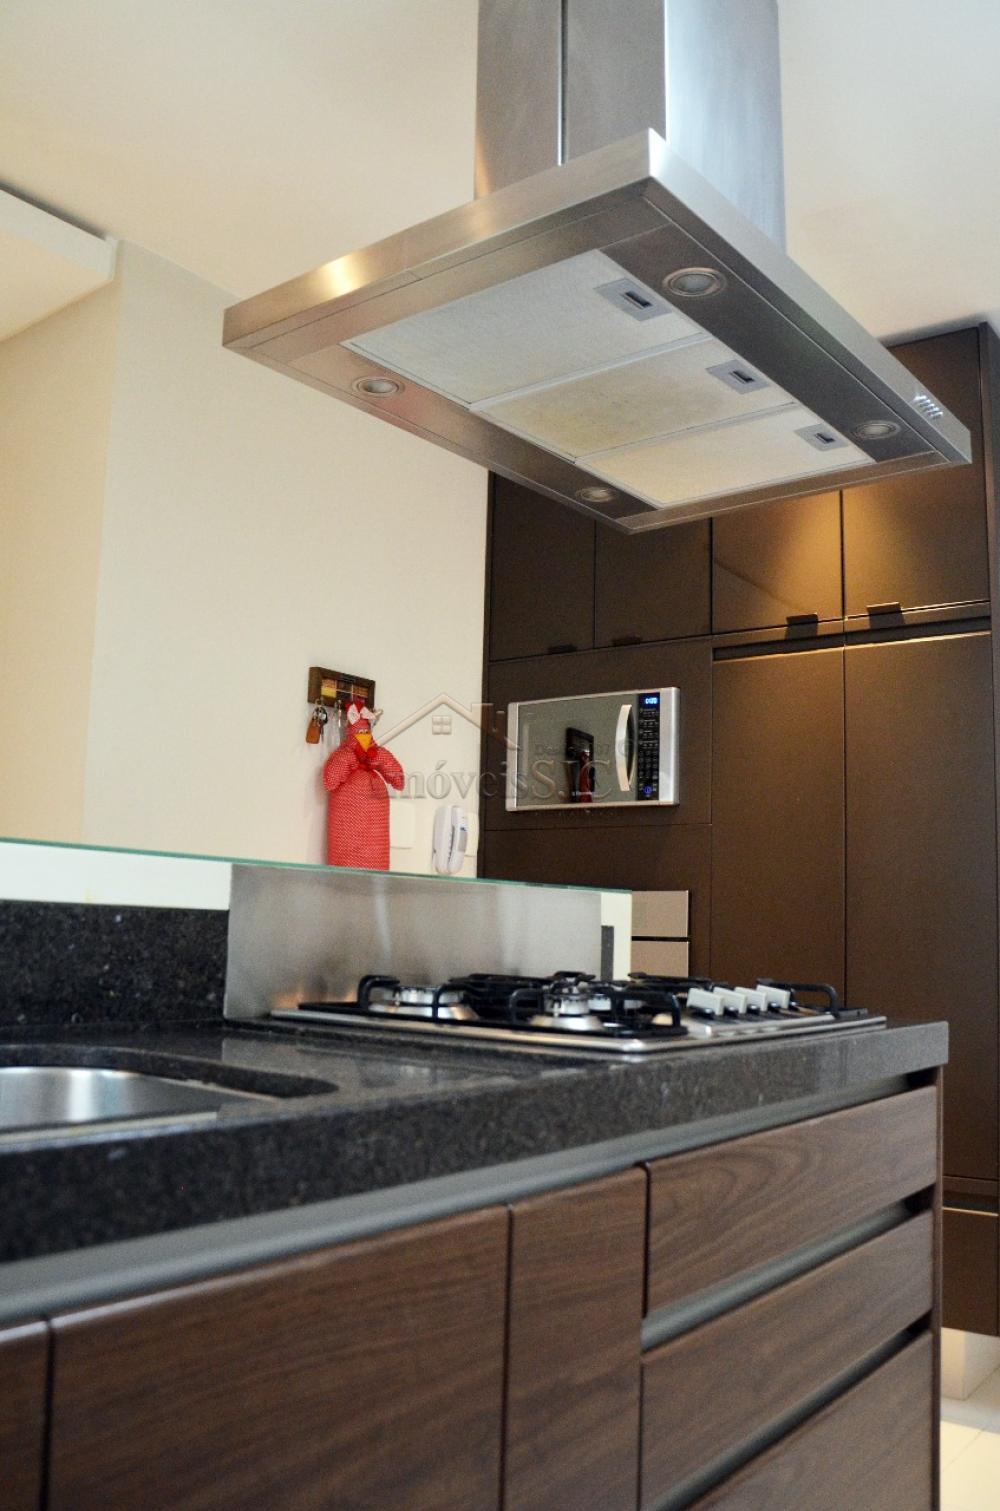 Comprar Apartamentos / Padrão em São José dos Campos apenas R$ 890.000,00 - Foto 9